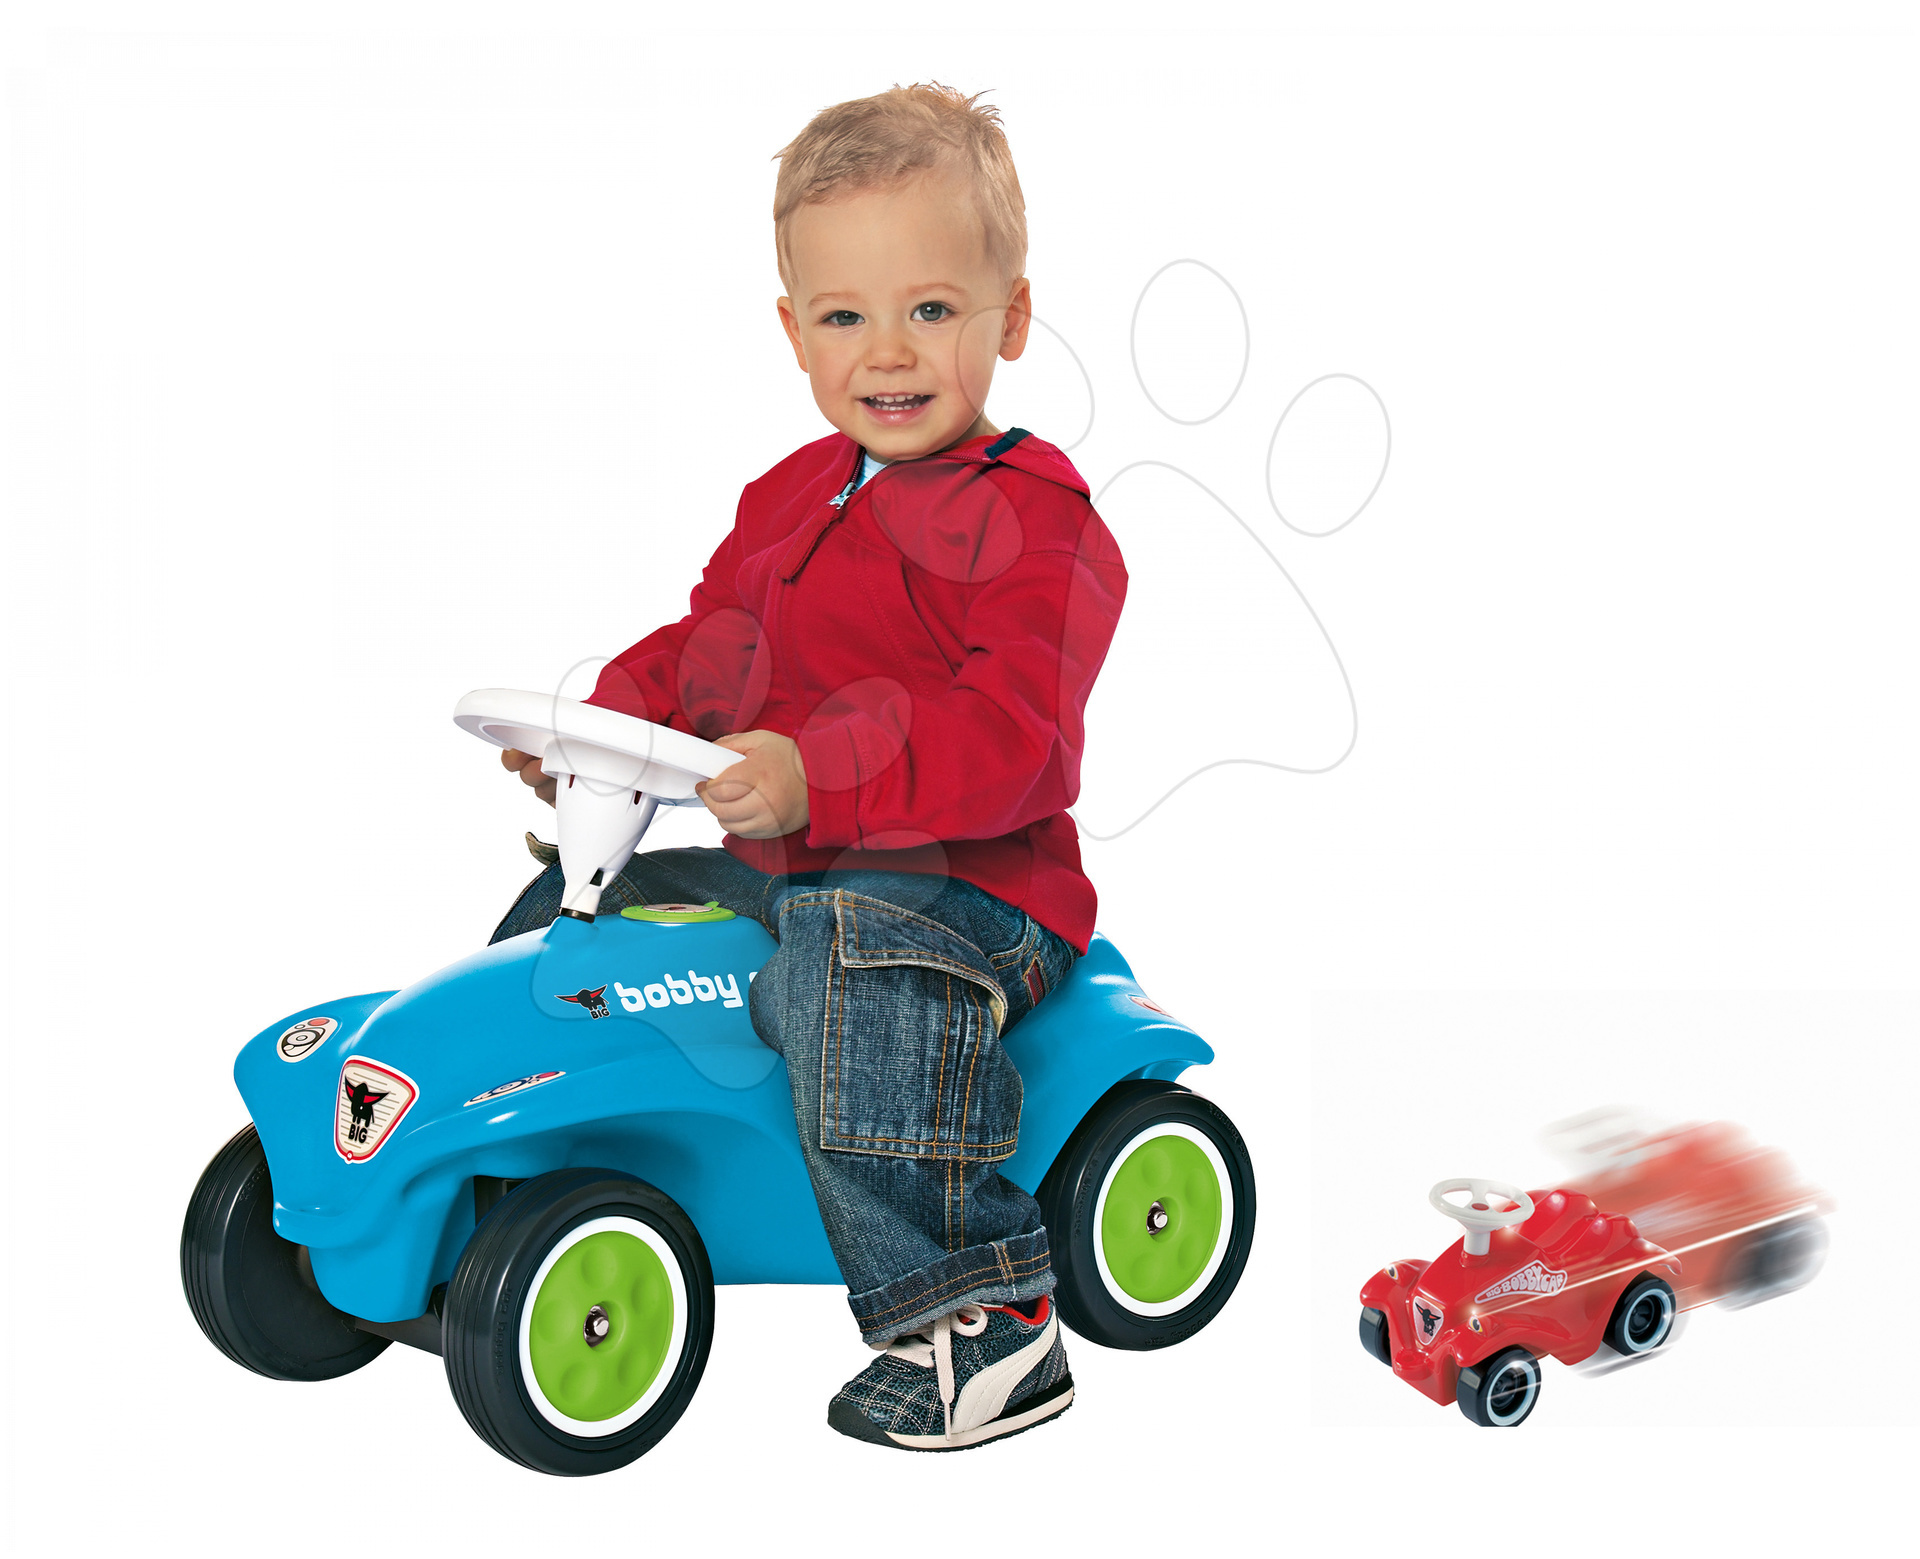 Odrážadlá sety - Set odrážadlo New Bobby BIG s klaksónom tyrkysové a autíčko Mini Bobby na naťahovanie od 12 mes